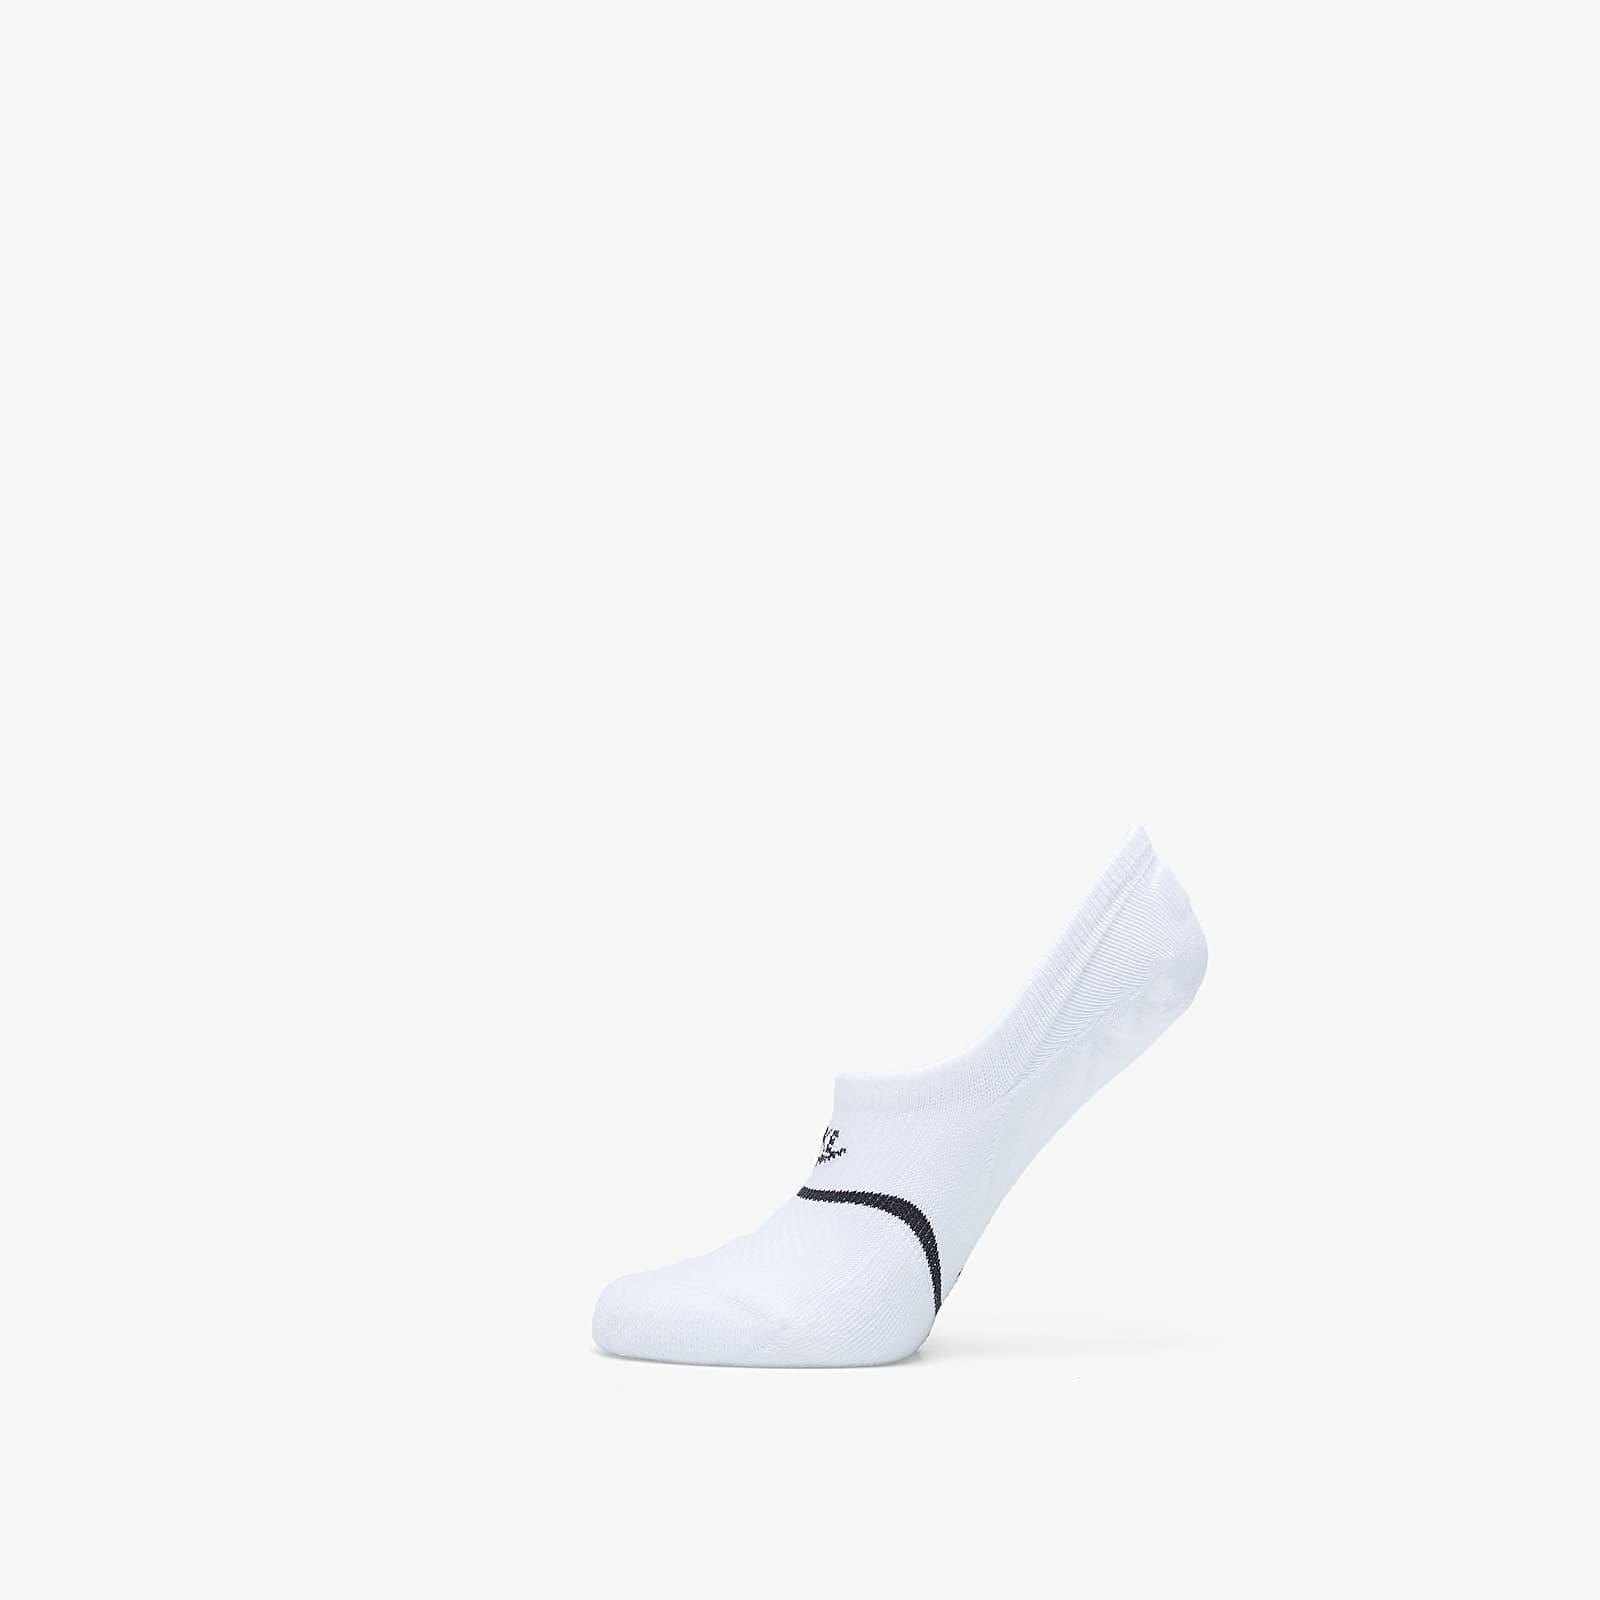 Socken Nike Sneaker Sox Essential Ns Footie (2 Pairs) White/ Black